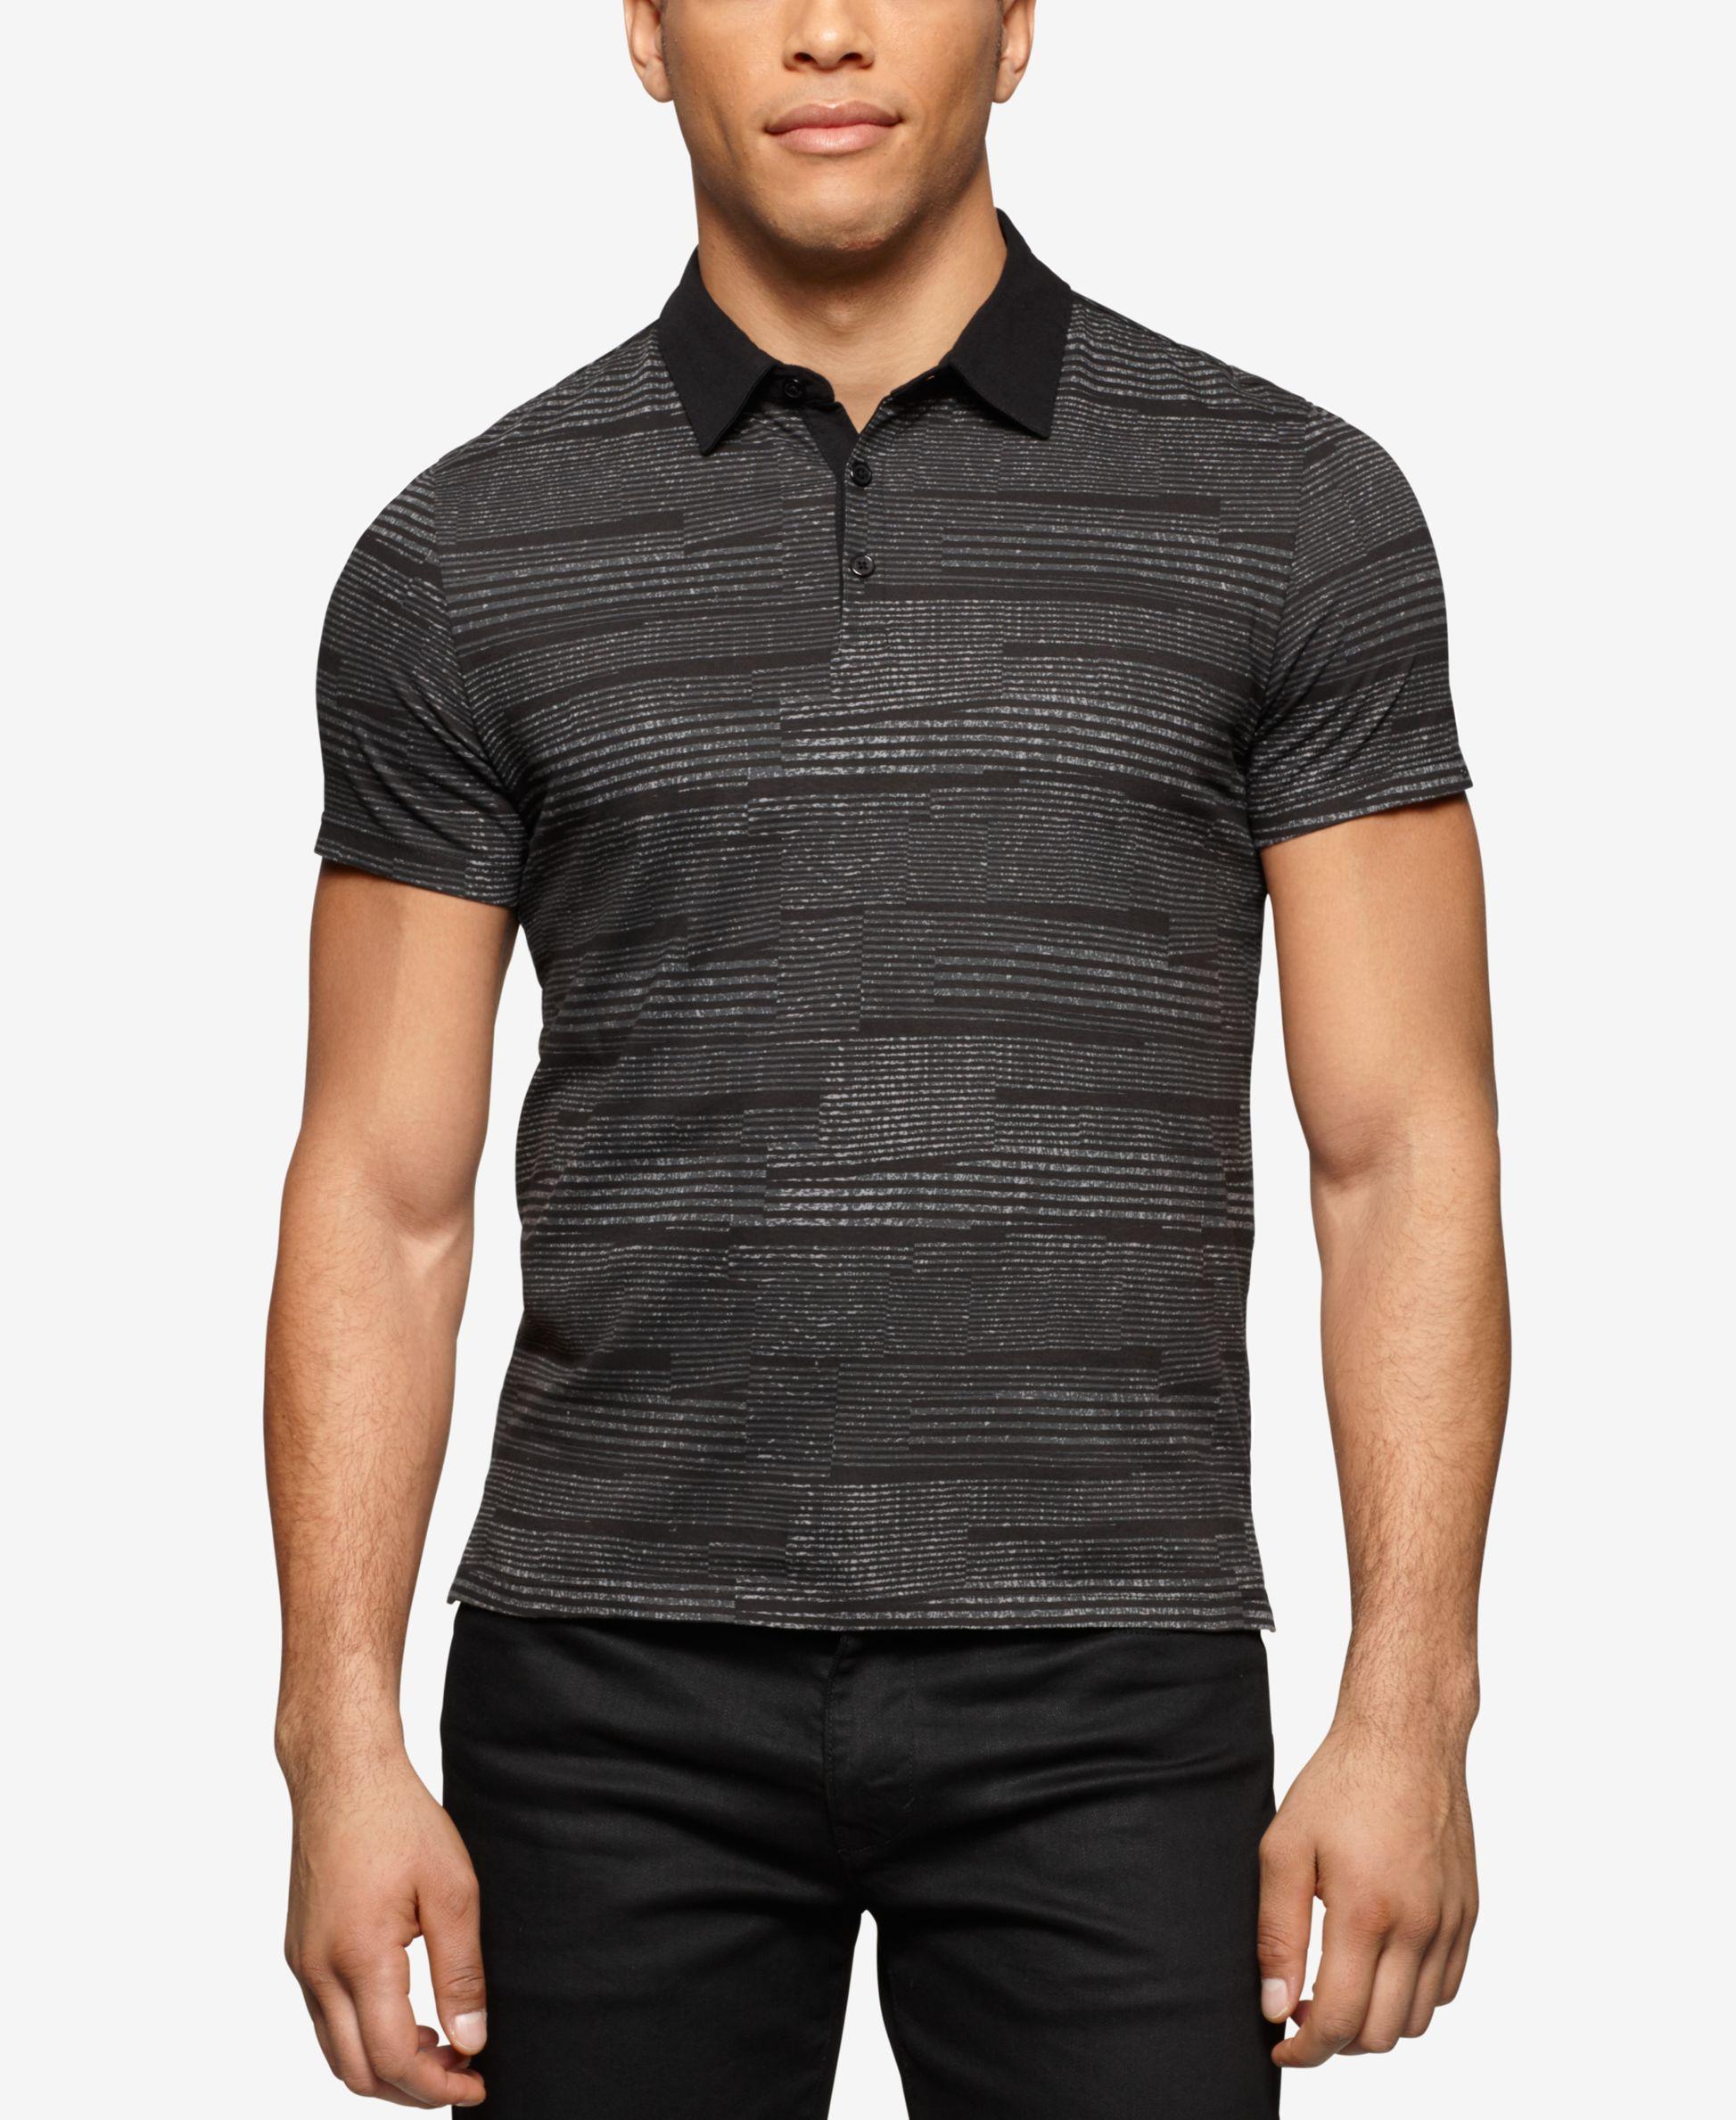 Calvin Klein Men s Slim Fit Printed Jersey Liquid Cotton Polo Shirt ... d254cbc15d5d2